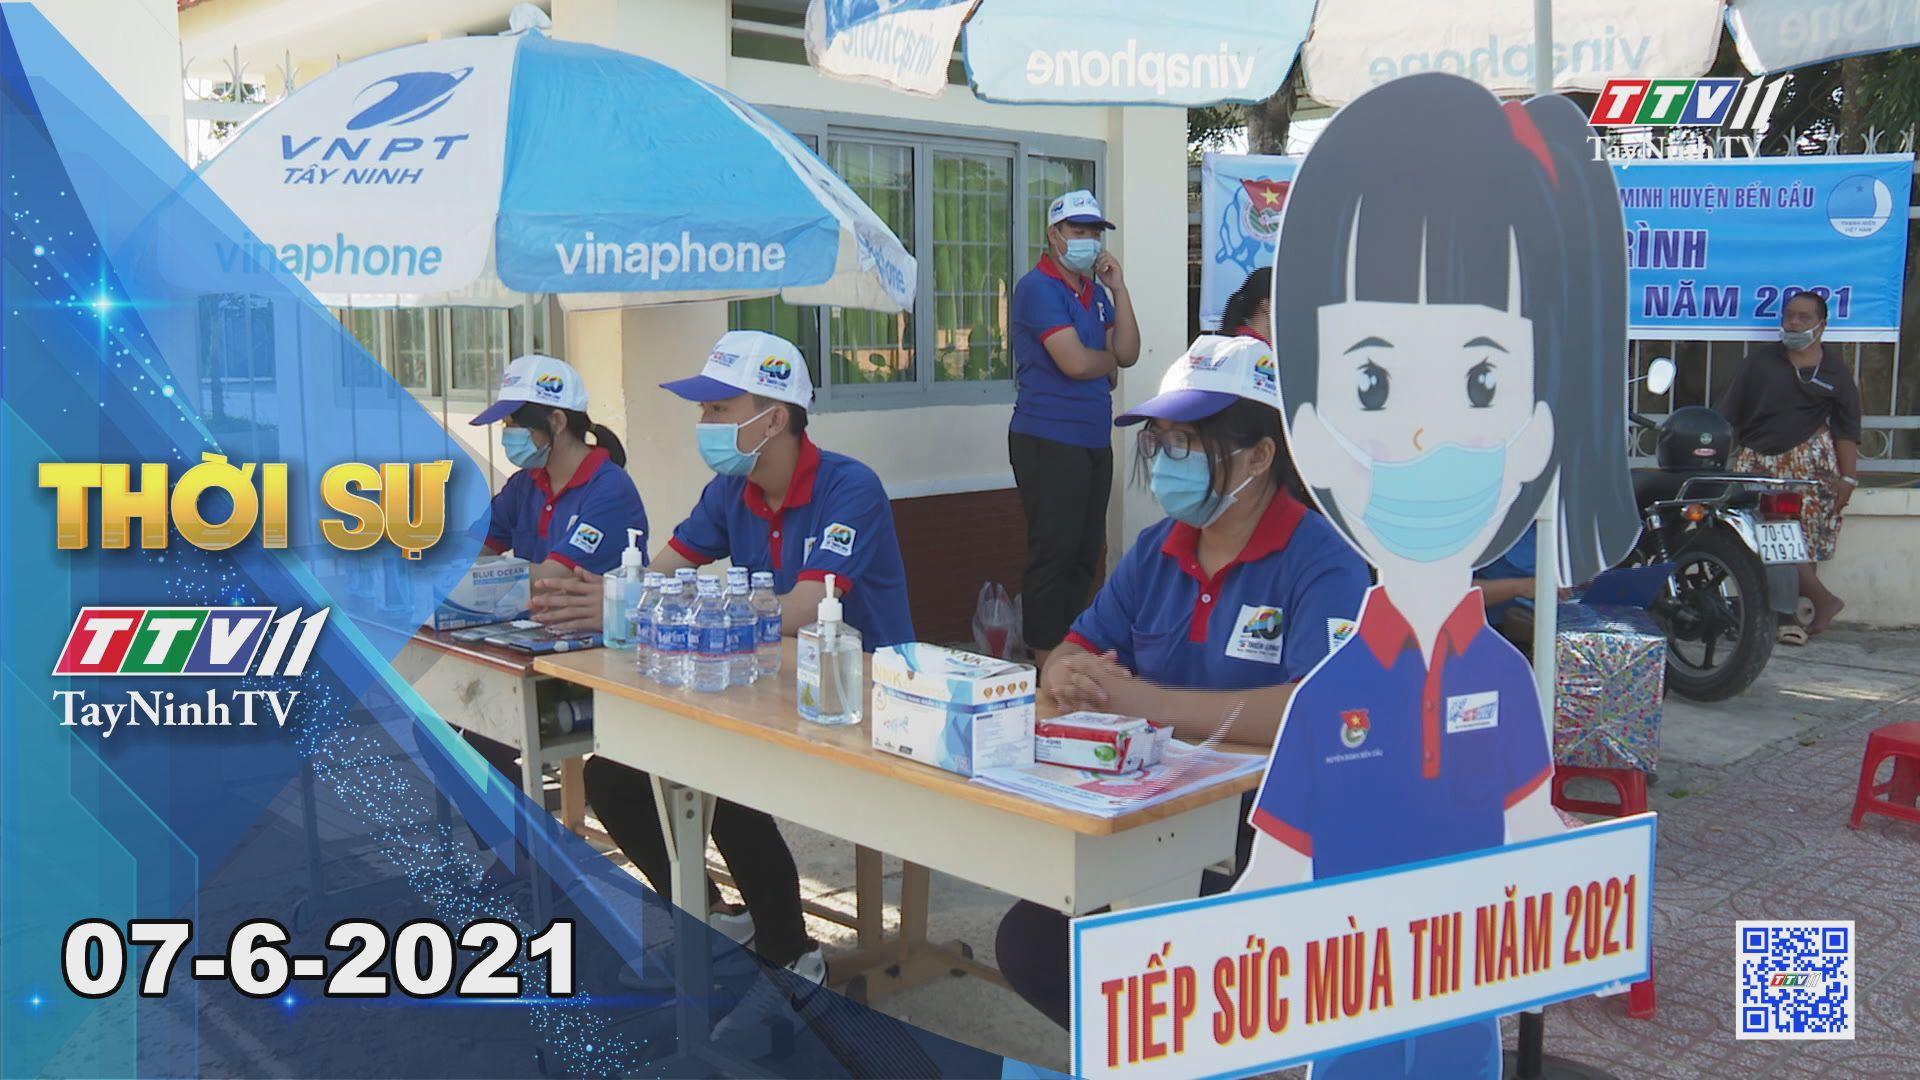 Thời sự Tây Ninh 07-6-2021 | Tin tức hôm nay | TayNinhTV